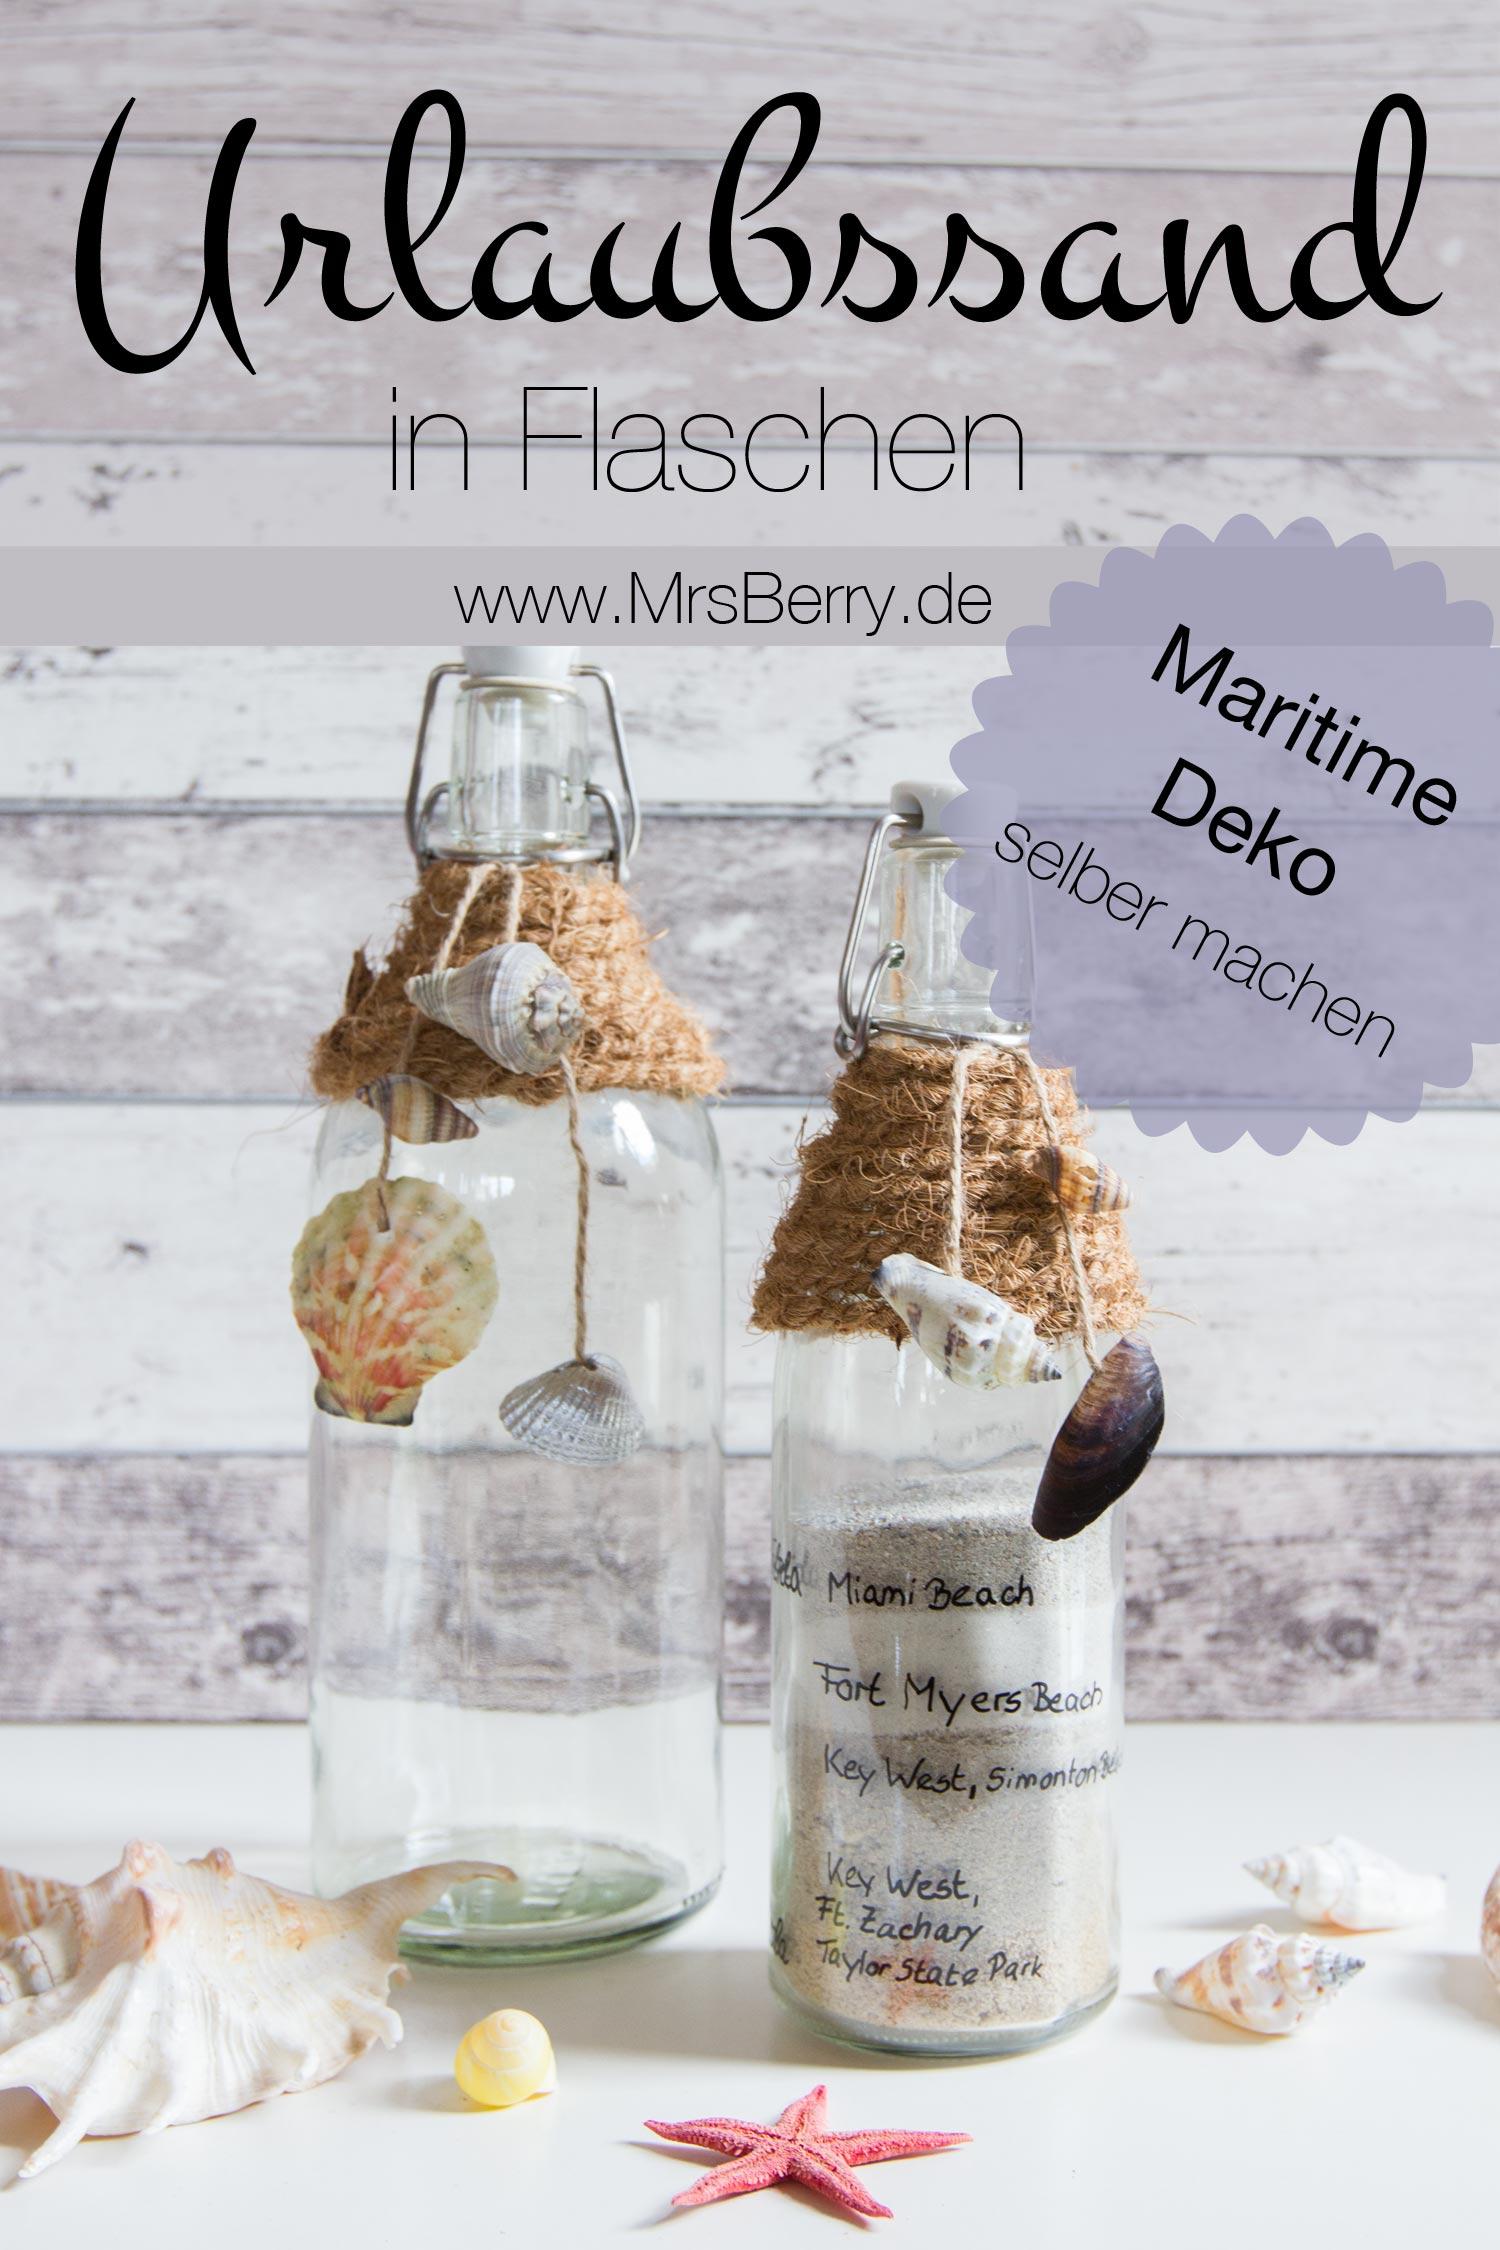 Maritime Deko Basteln: Urlaubssand Aufbewahren In Flaschen Mit Muscheln.  Maritime Deko Selber Machen ...